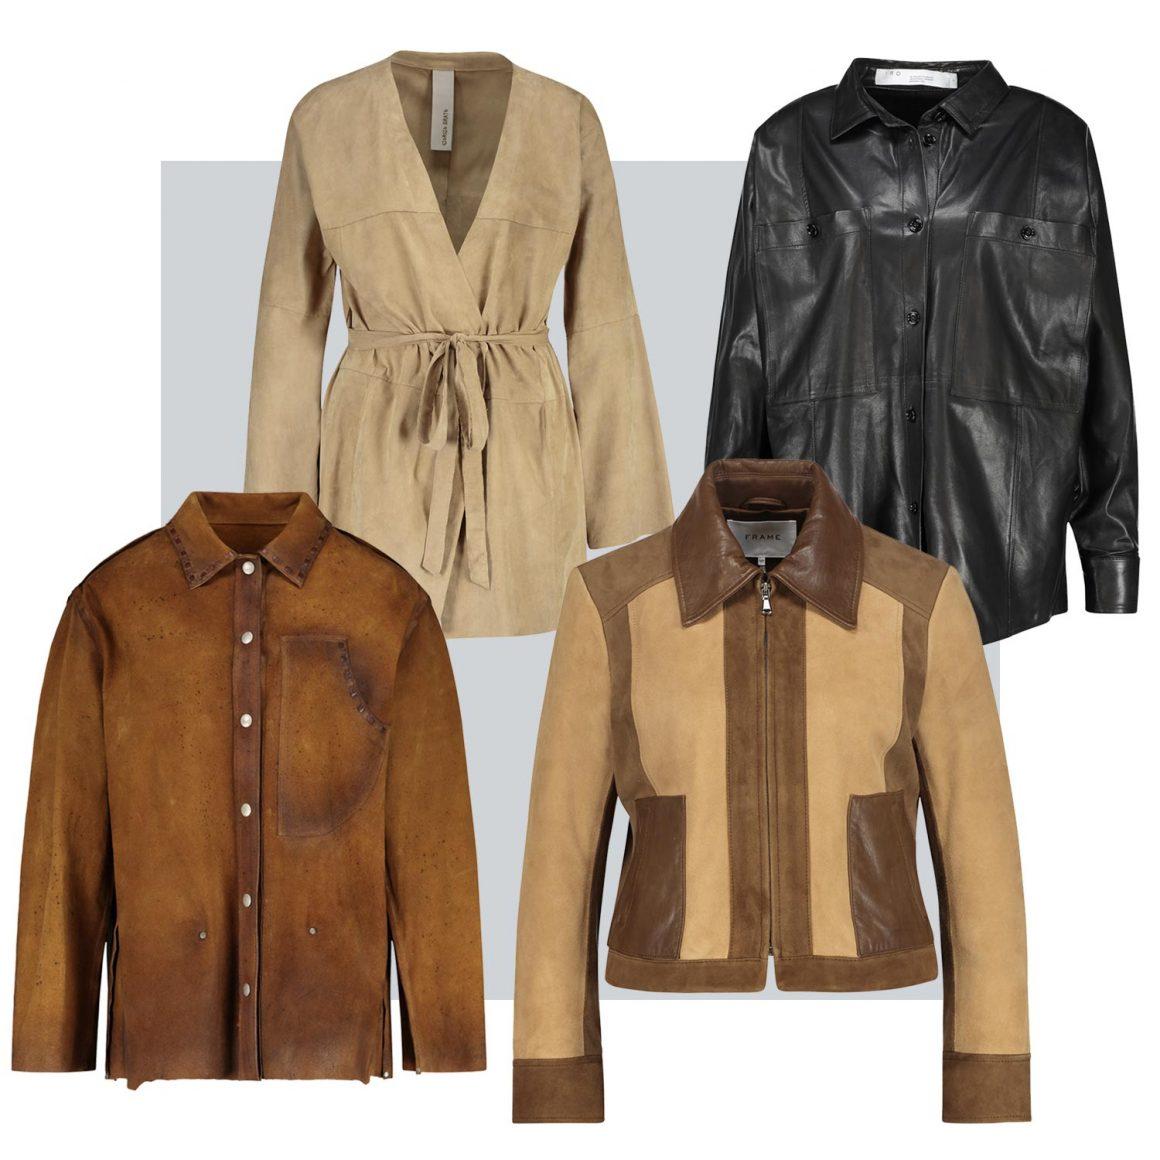 Sélection de vestes en cuir à retrouver chez Jane de Boy